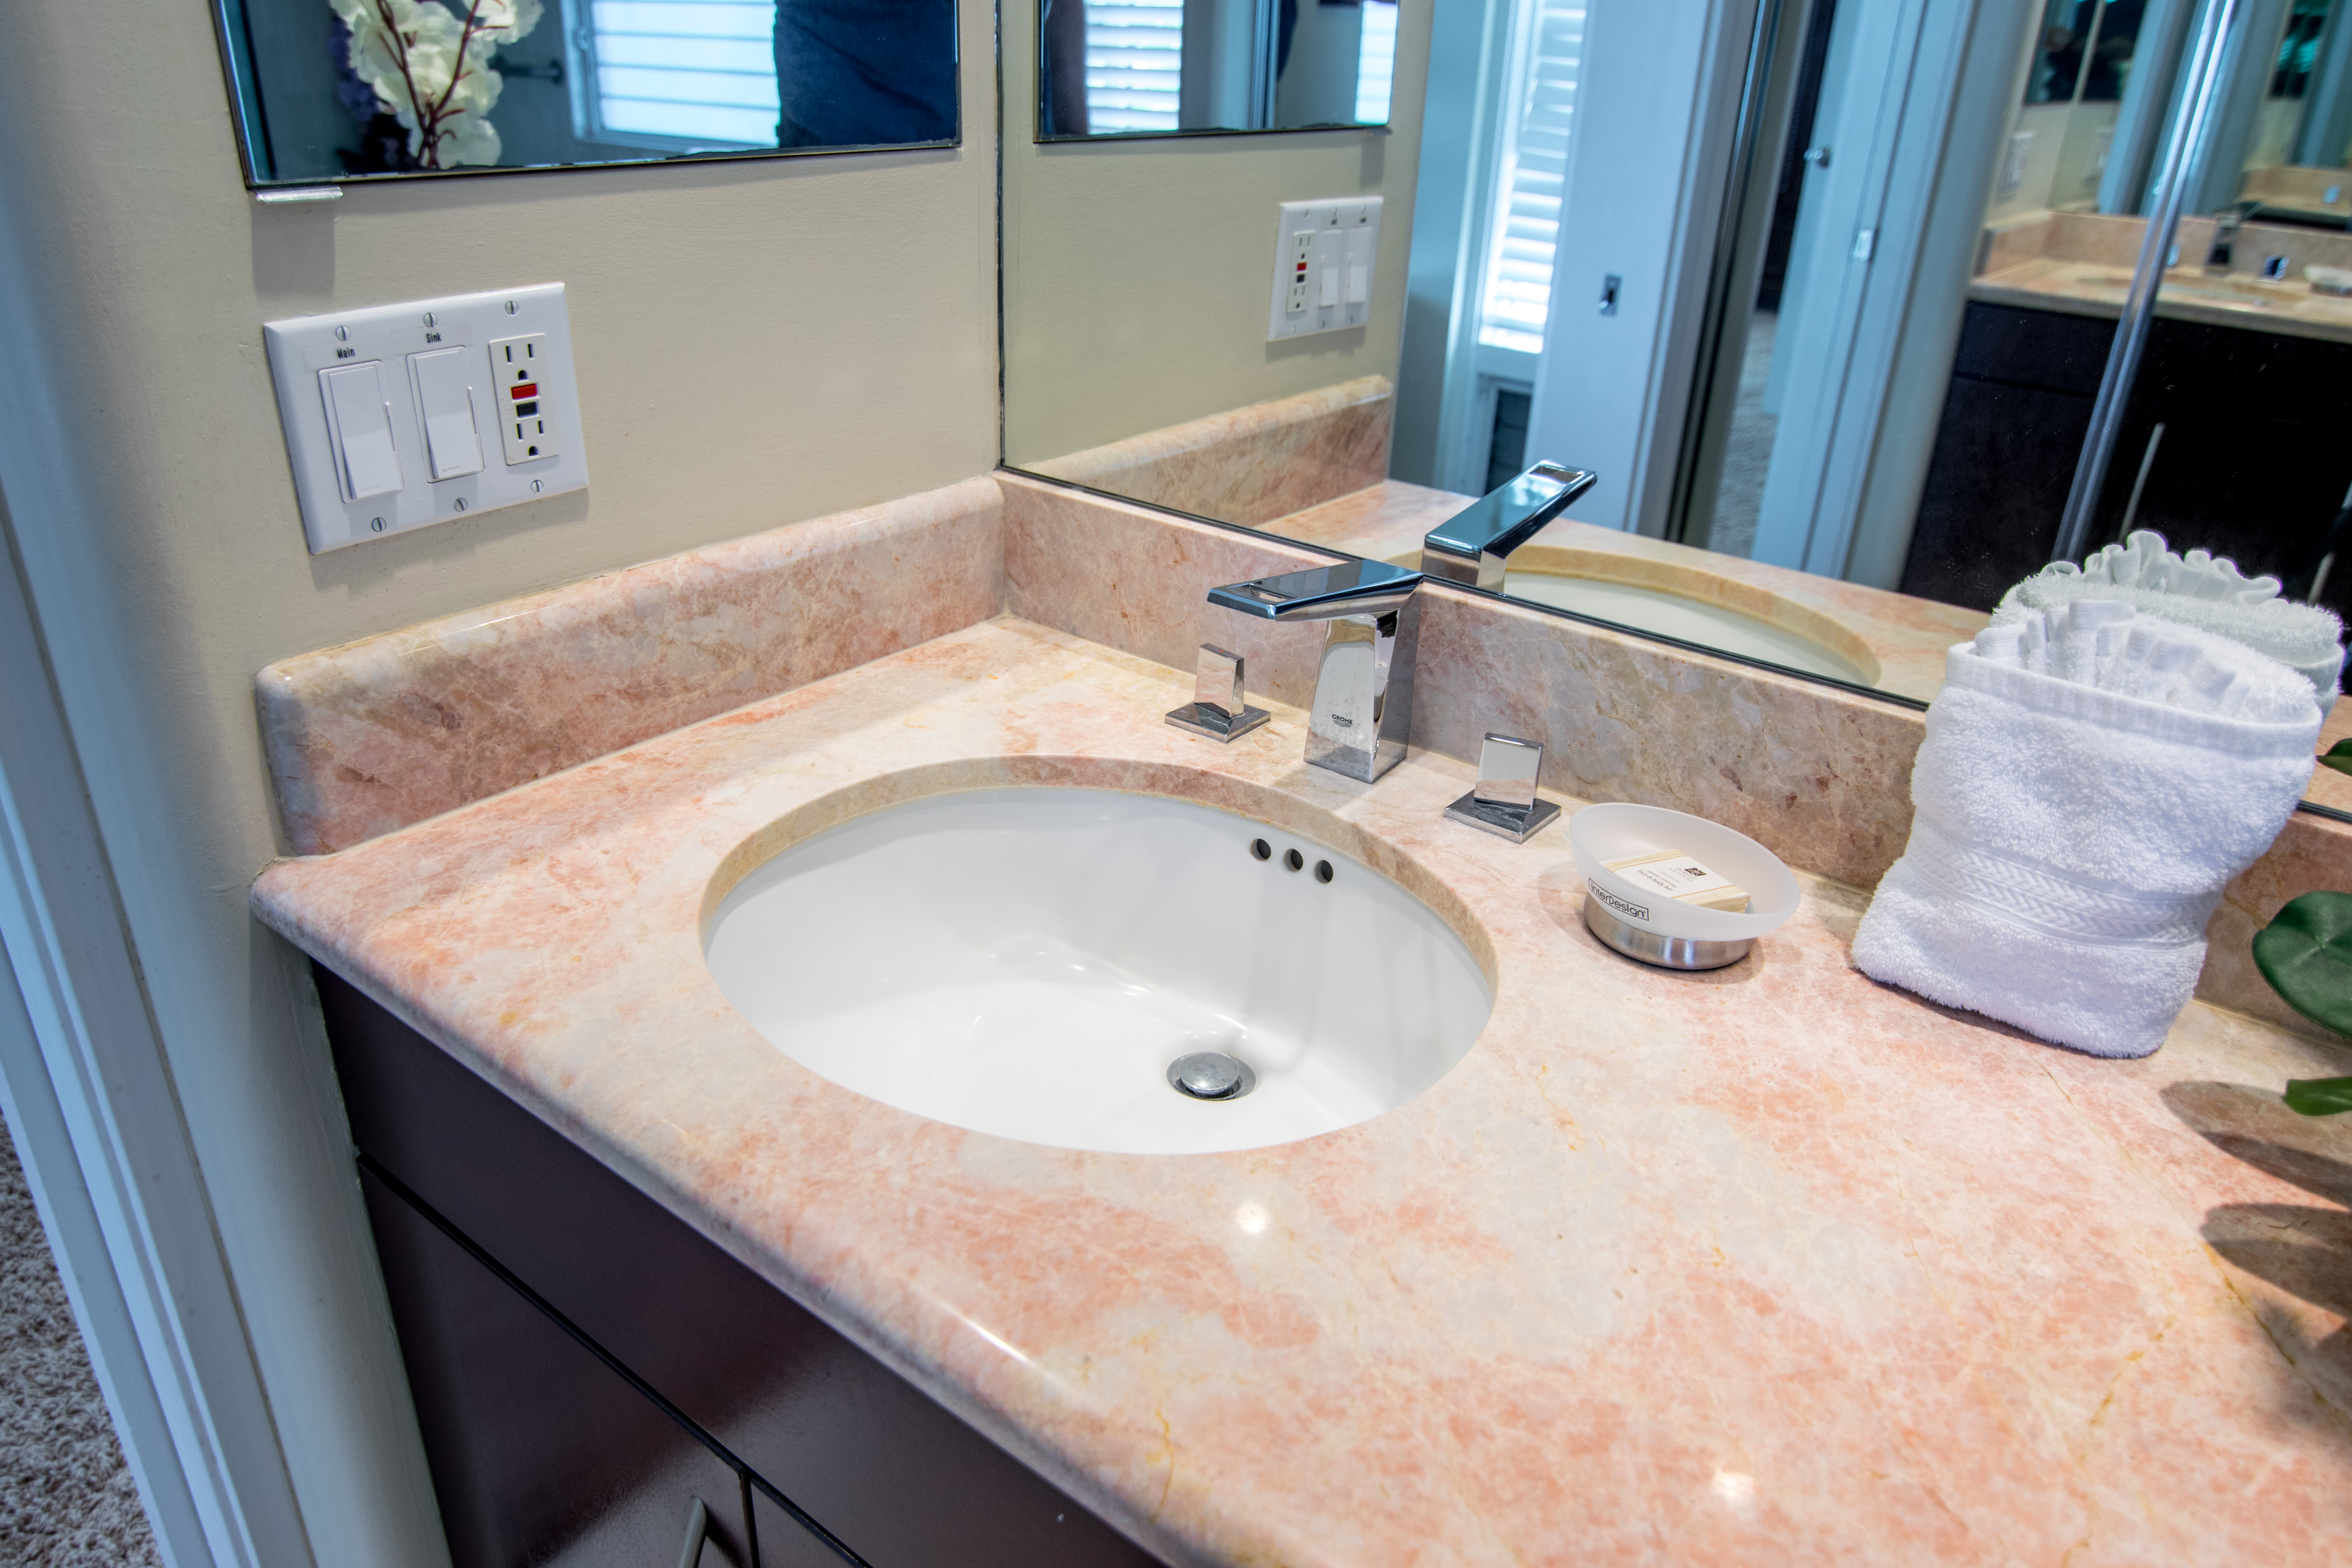 Sparkling Clean Sink